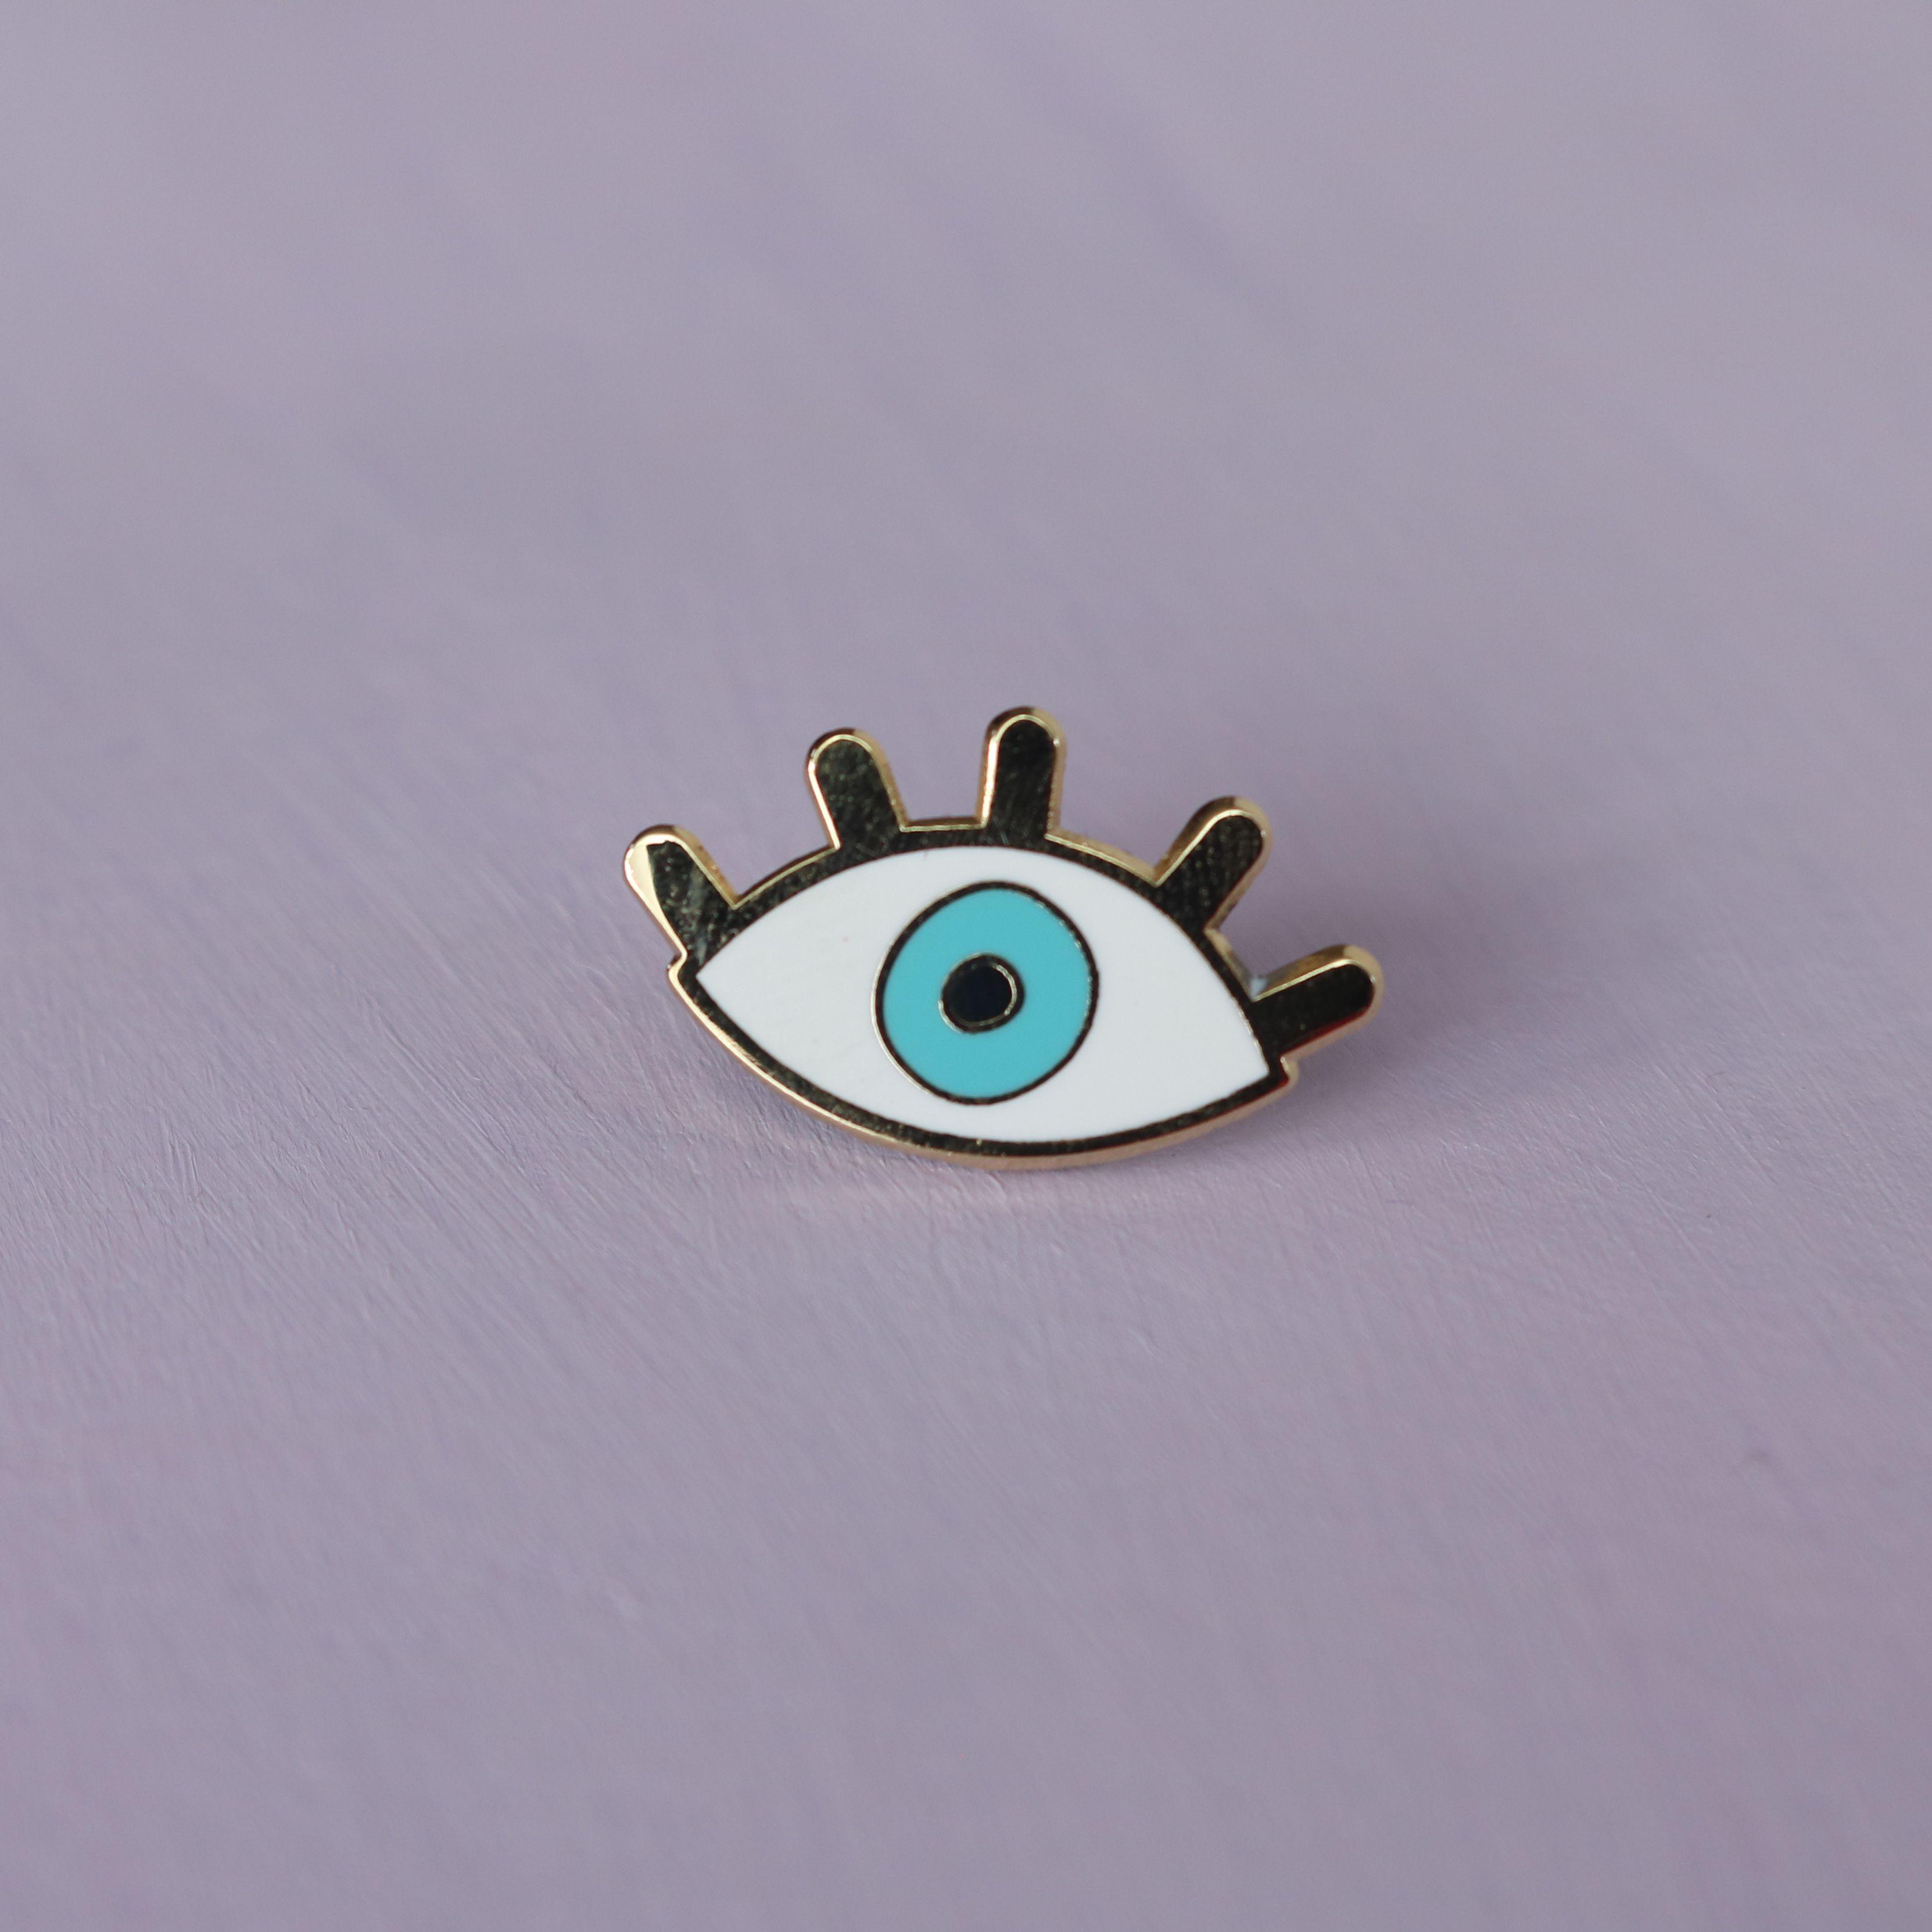 Light Blue Evil Eye Enamel Pin / Metal Badge / Evil Eye